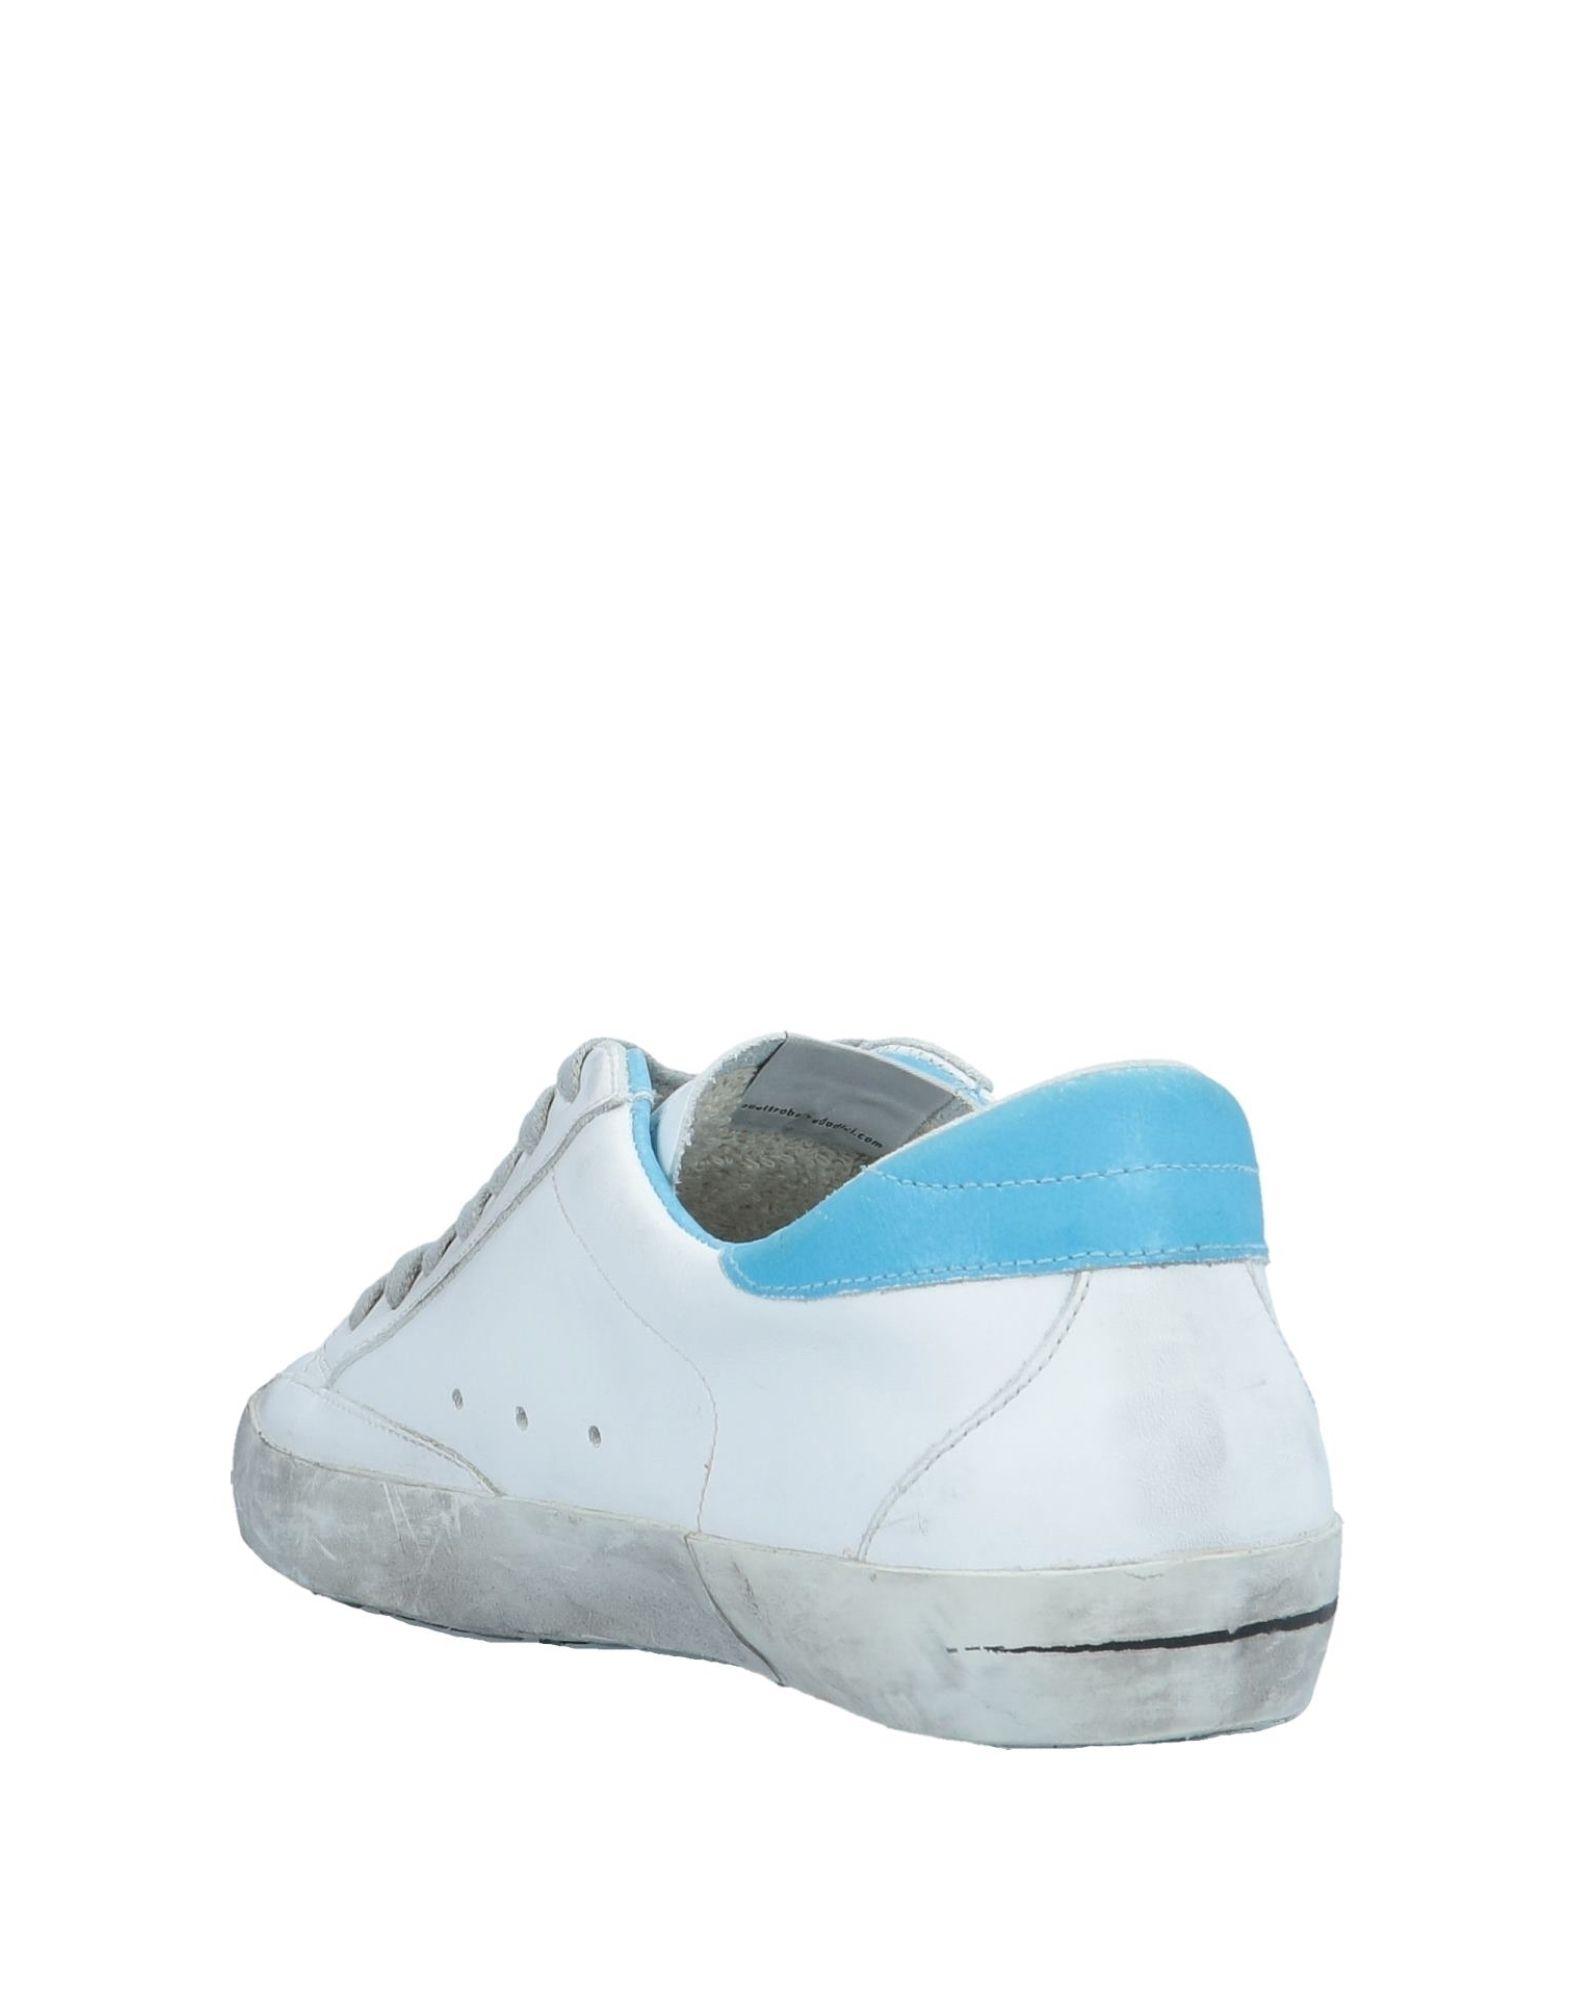 Quattrobarradodici Quattrobarradodici Quattrobarradodici Sneakers Herren Gutes Preis-Leistungs-Verhältnis, es lohnt sich 380a47